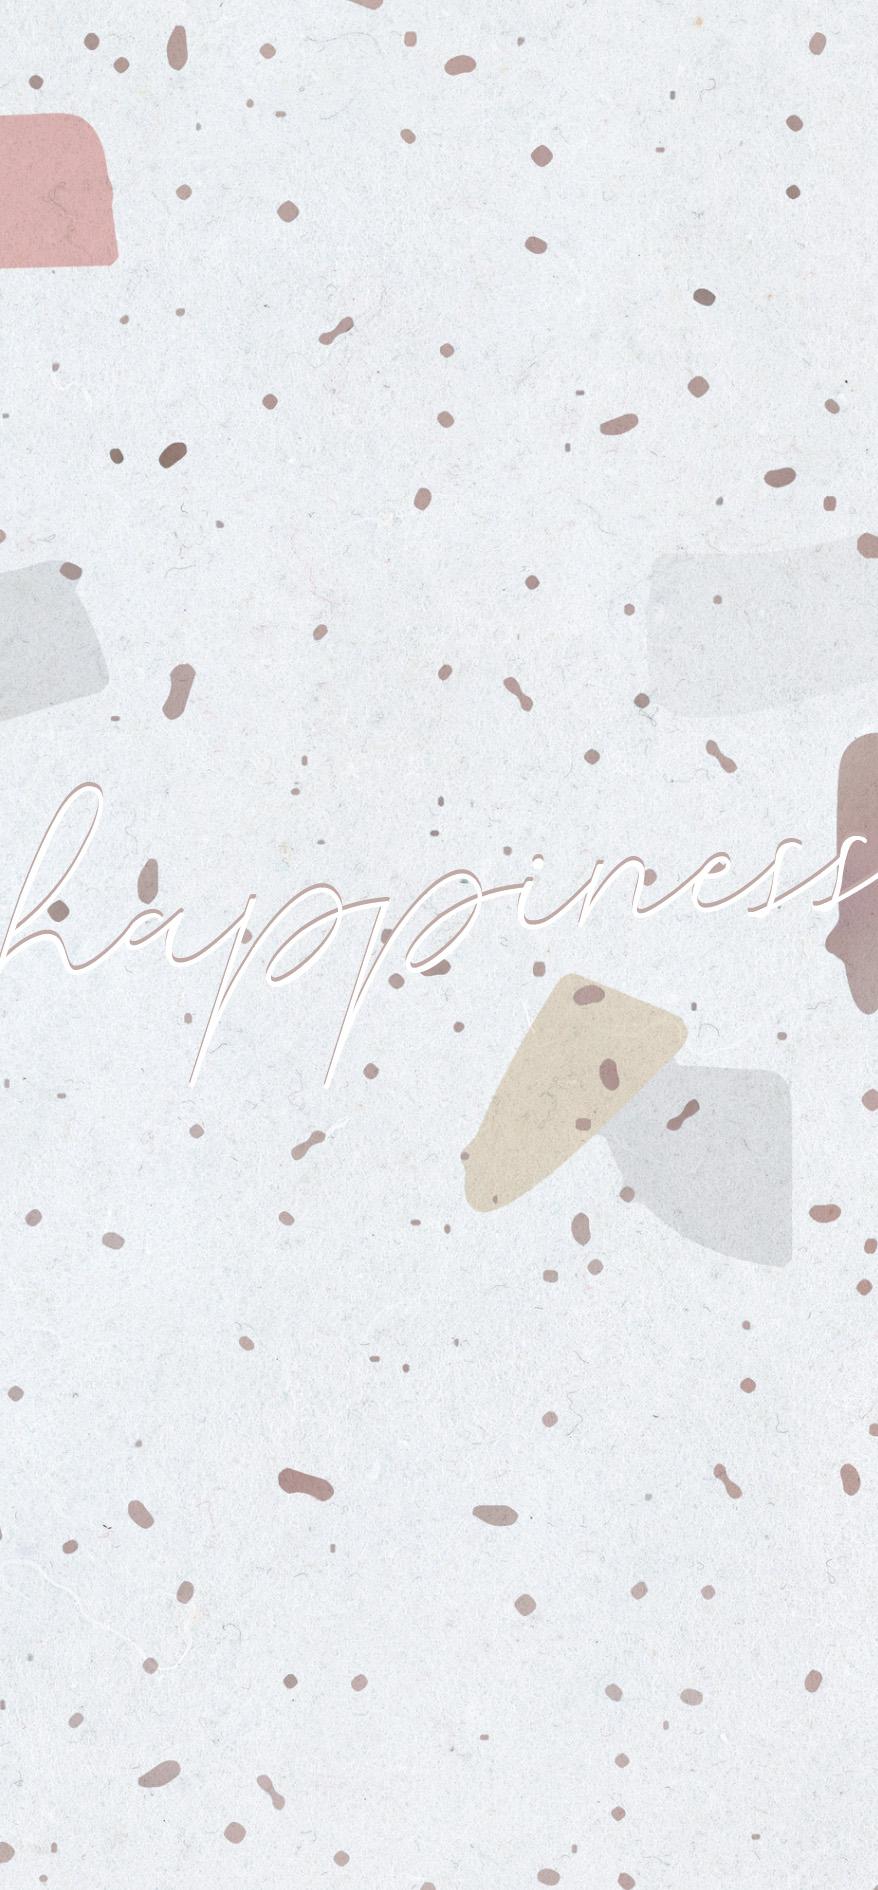 Januar-Wallpaper-2021-design-bildschirmhintergrund-handy